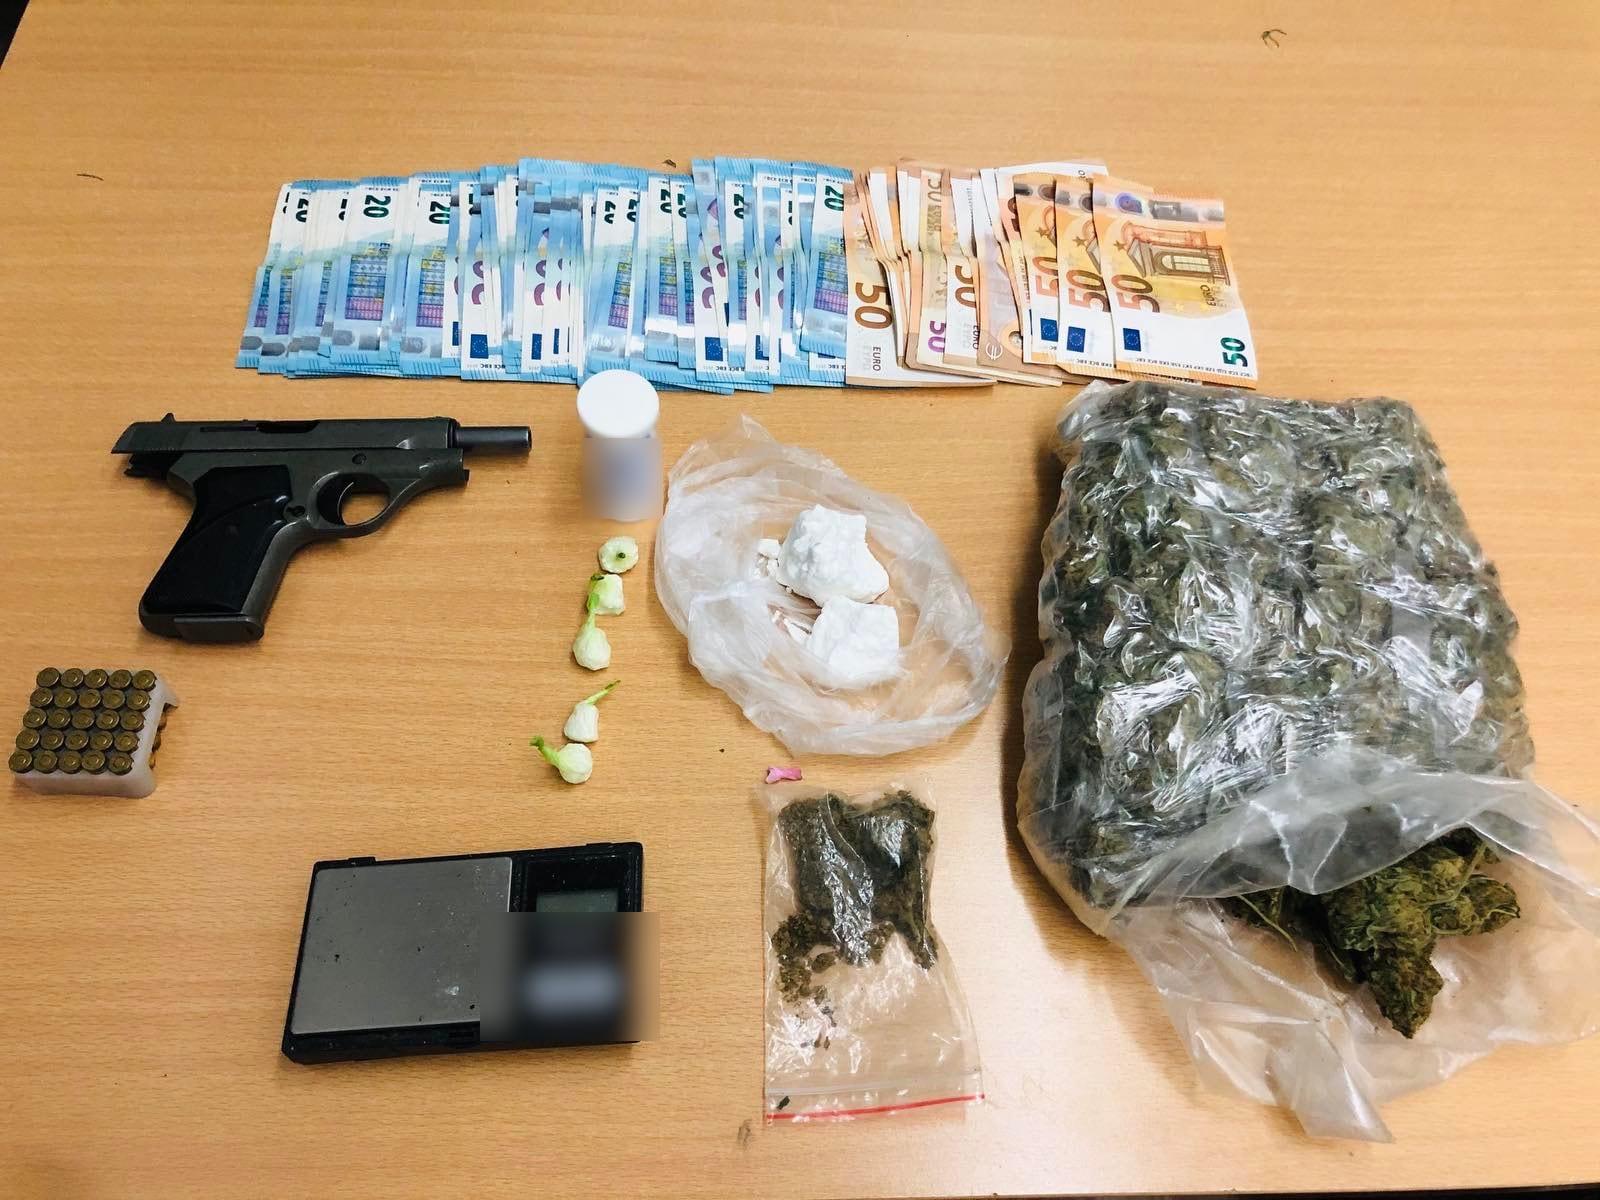 29-12-2020 Συνελήφθη διακινητής ναρκωτικών στην Πάτρα (2)